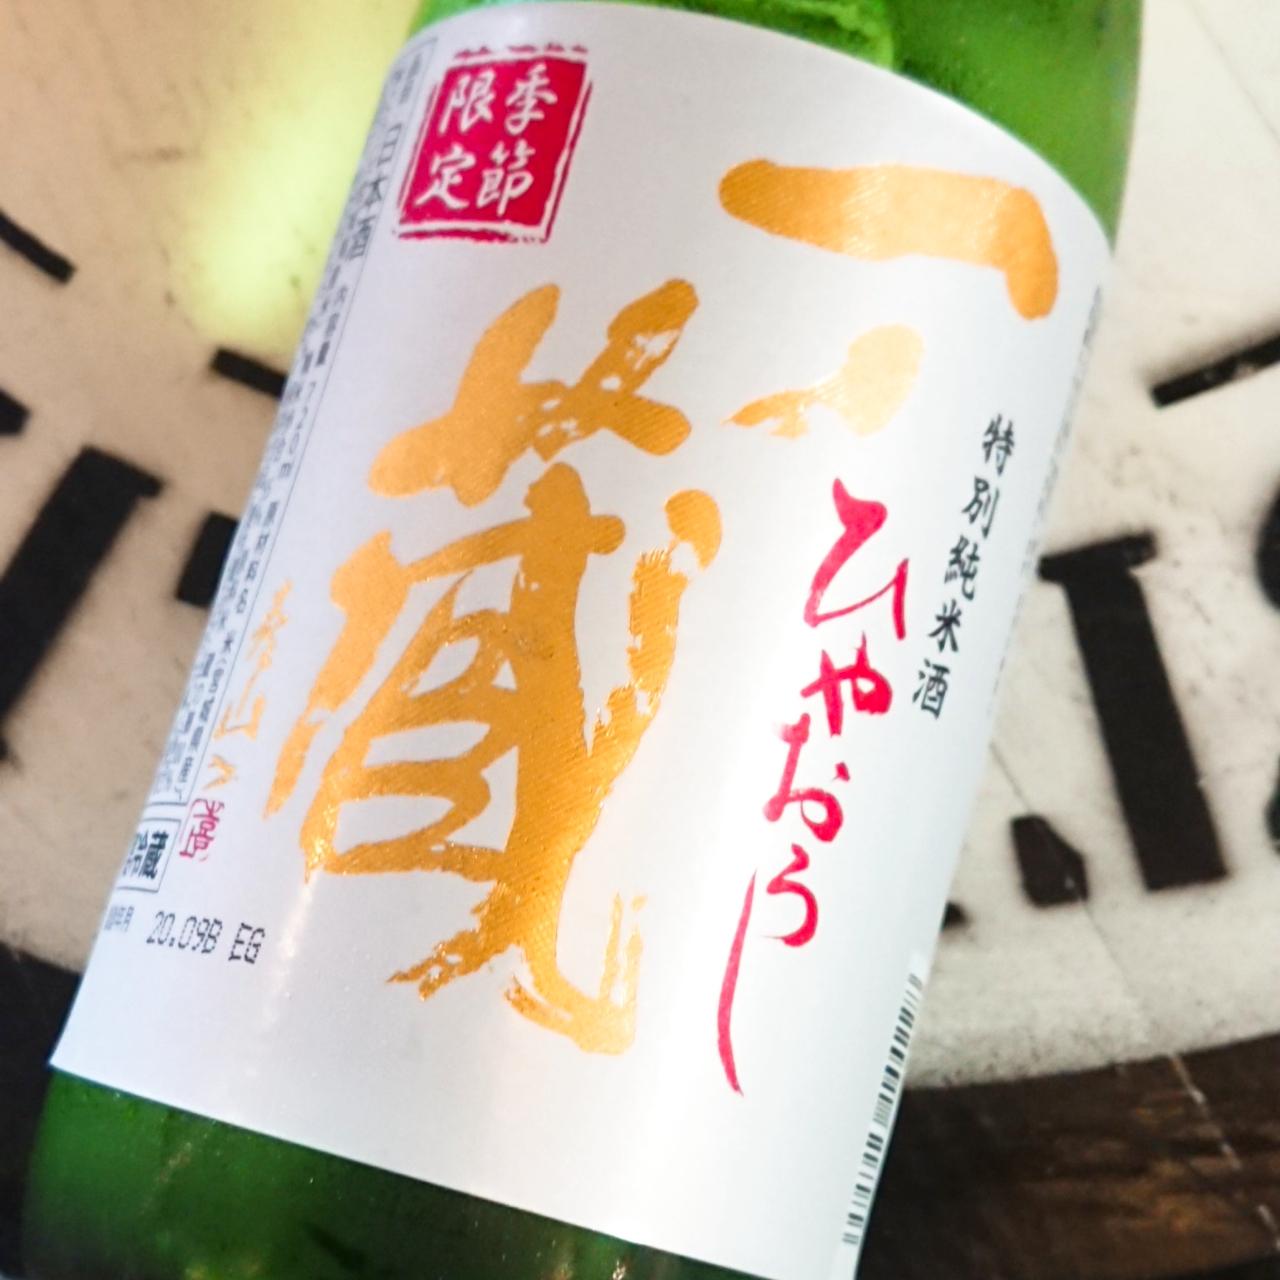 【かわら版116号掲載品】一ノ蔵 特別純米酒 ひやおろし~熟成感と爽やかなが一口で楽しめる~